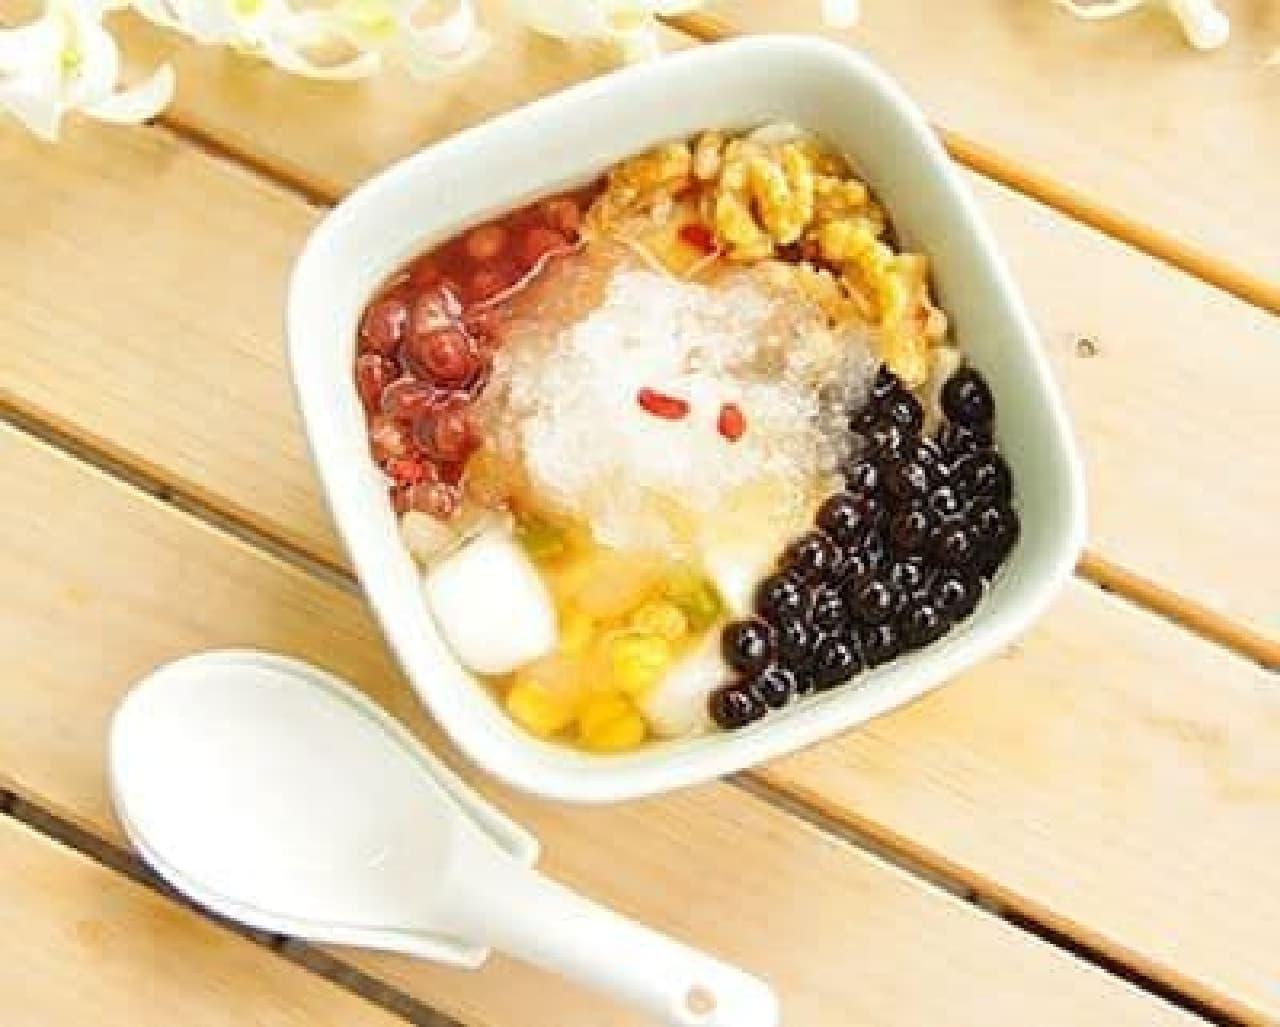 「台湾豆花かき氷」は、豆乳を使用した台湾のヘルシースイーツ